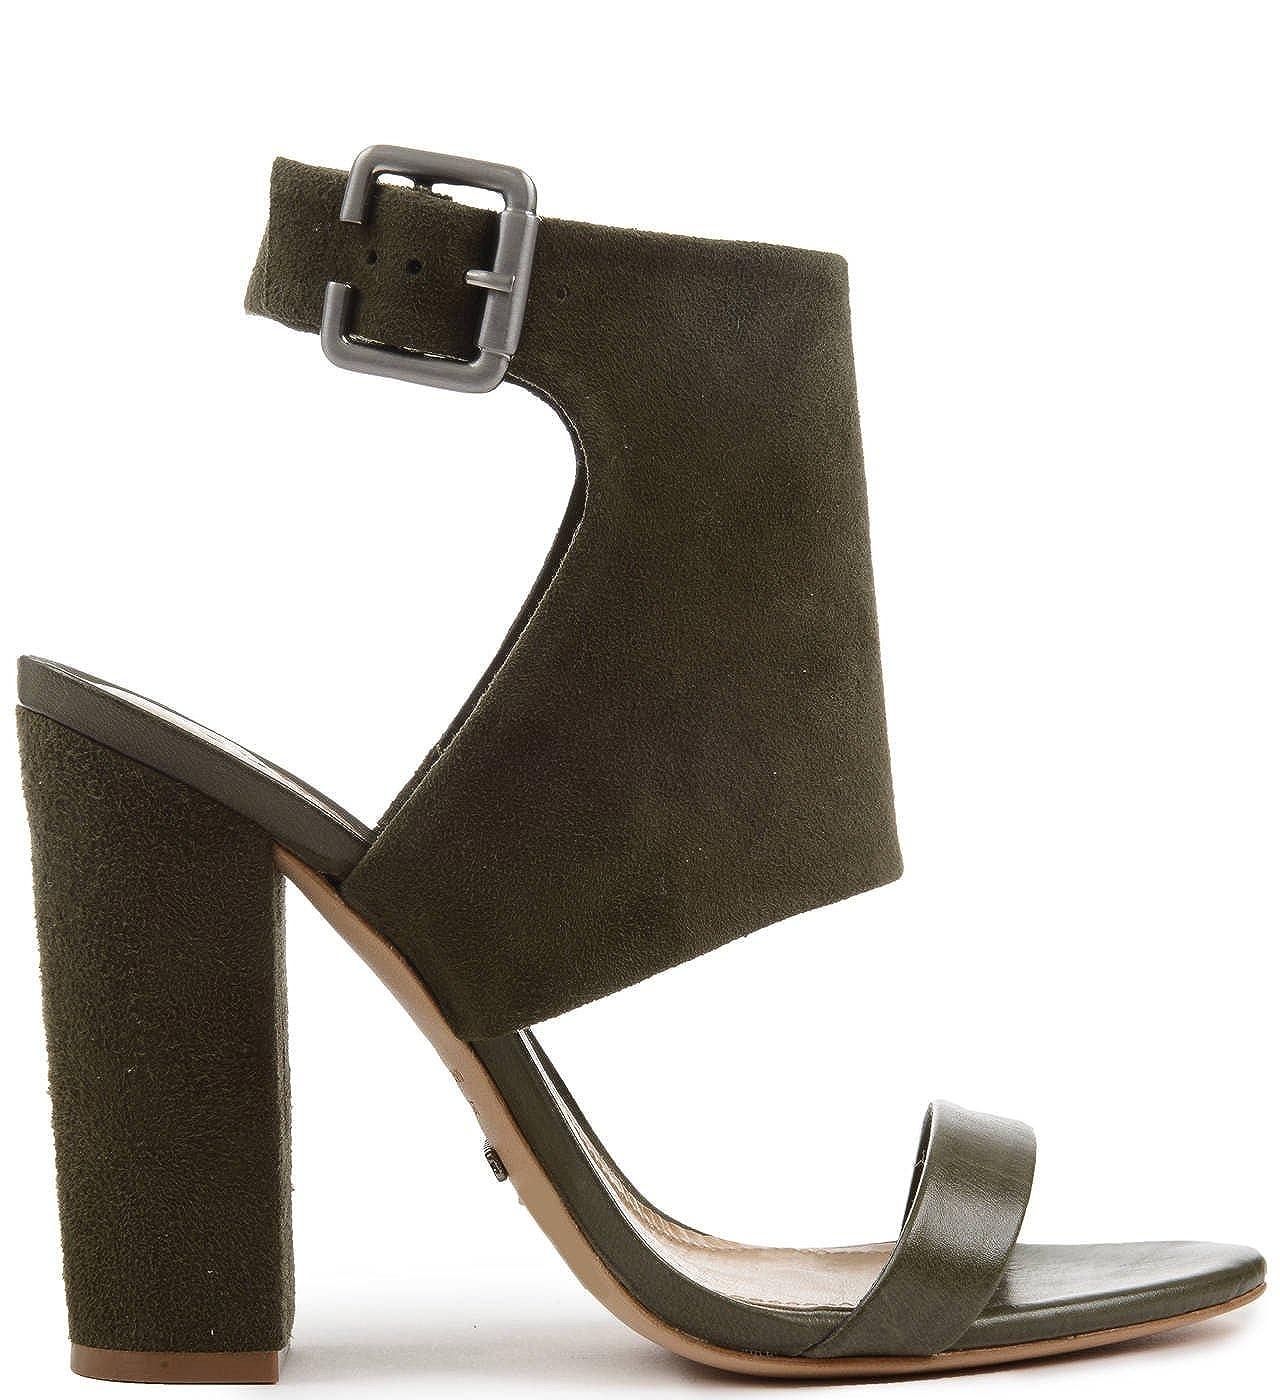 SCHUTZ Rosina Leaf Kid Suede Olive Green Block Heel Bootie Open Toe Dress Sandal